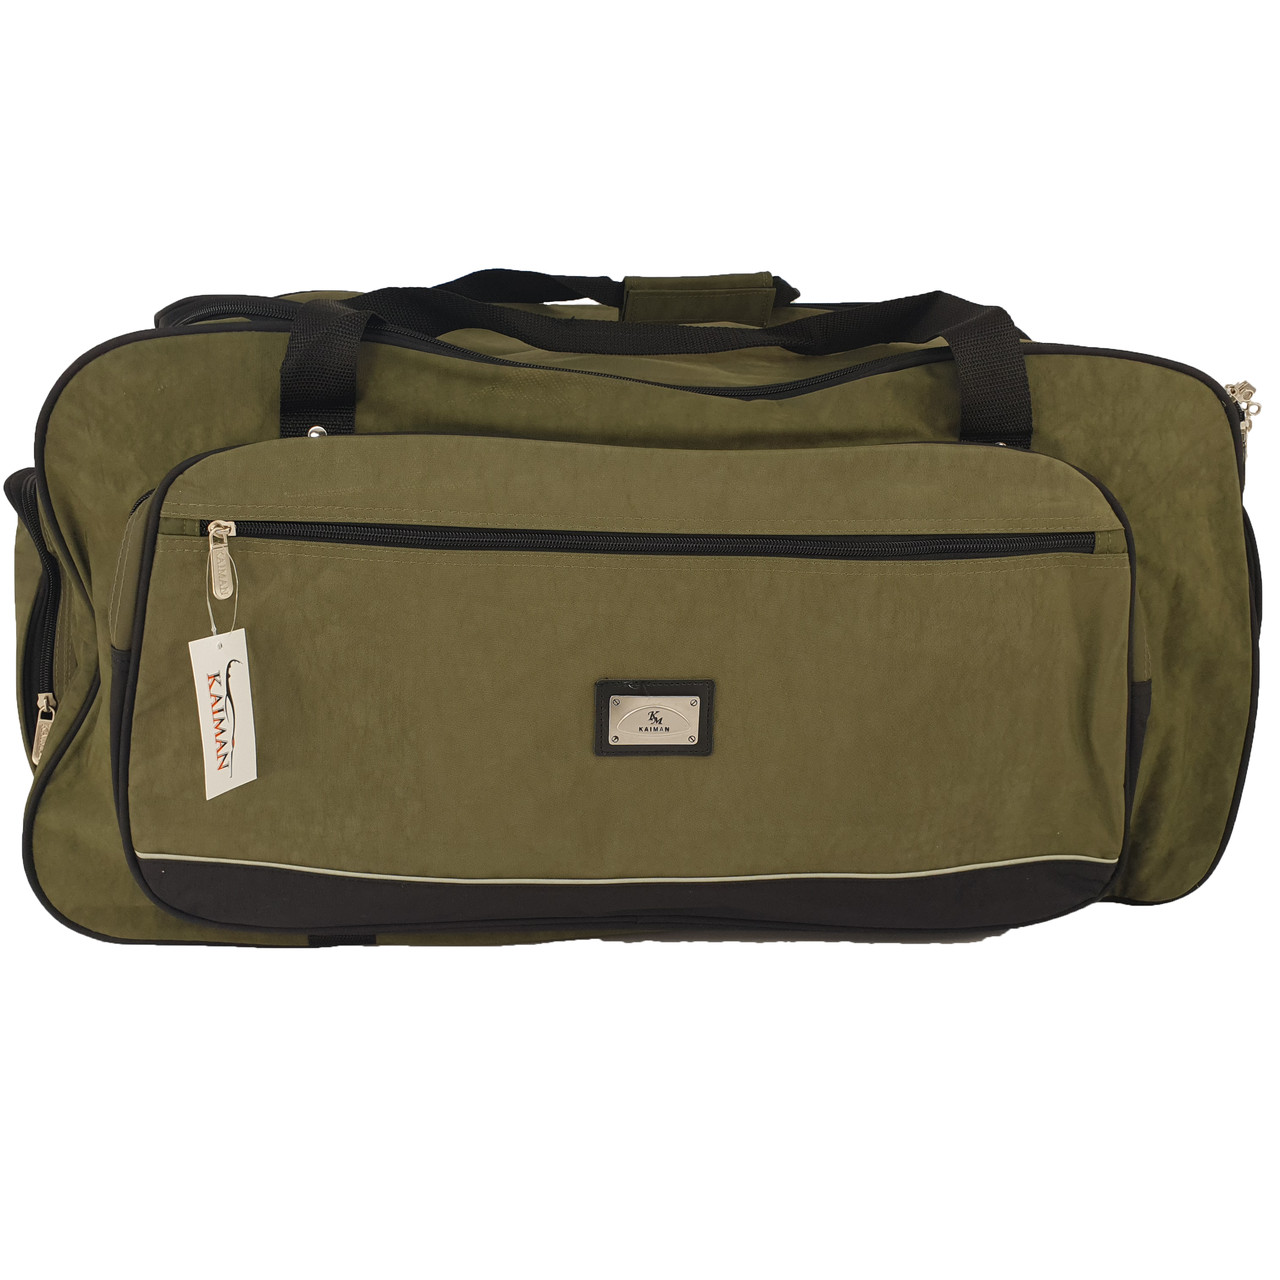 Дорожная сумка Kaiman 70 см Олива